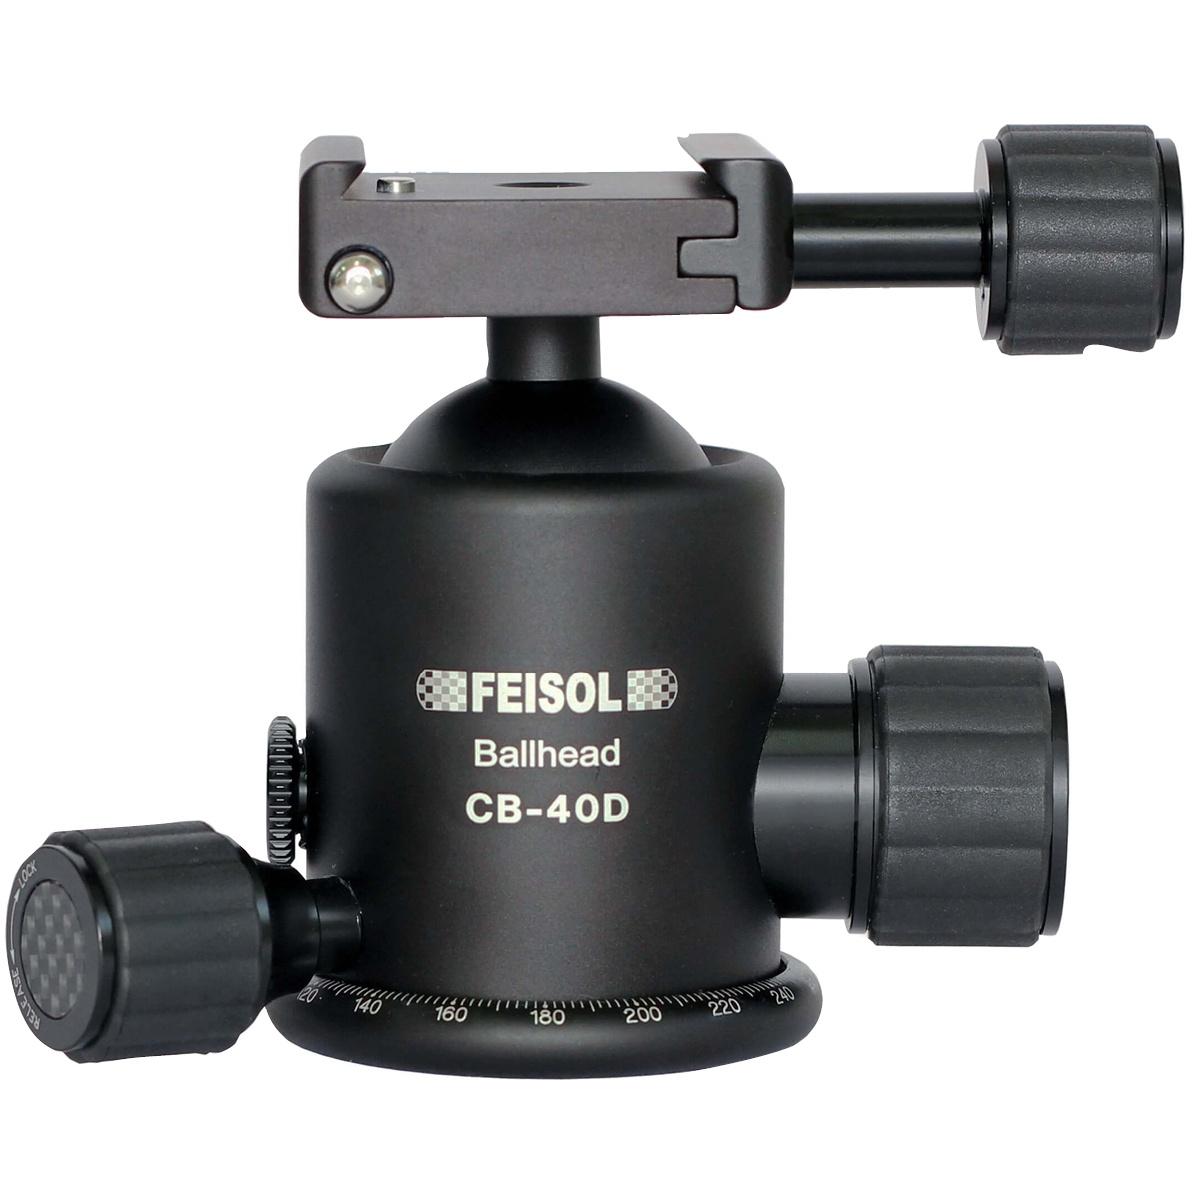 Feisol Kugelkopf CB-40D